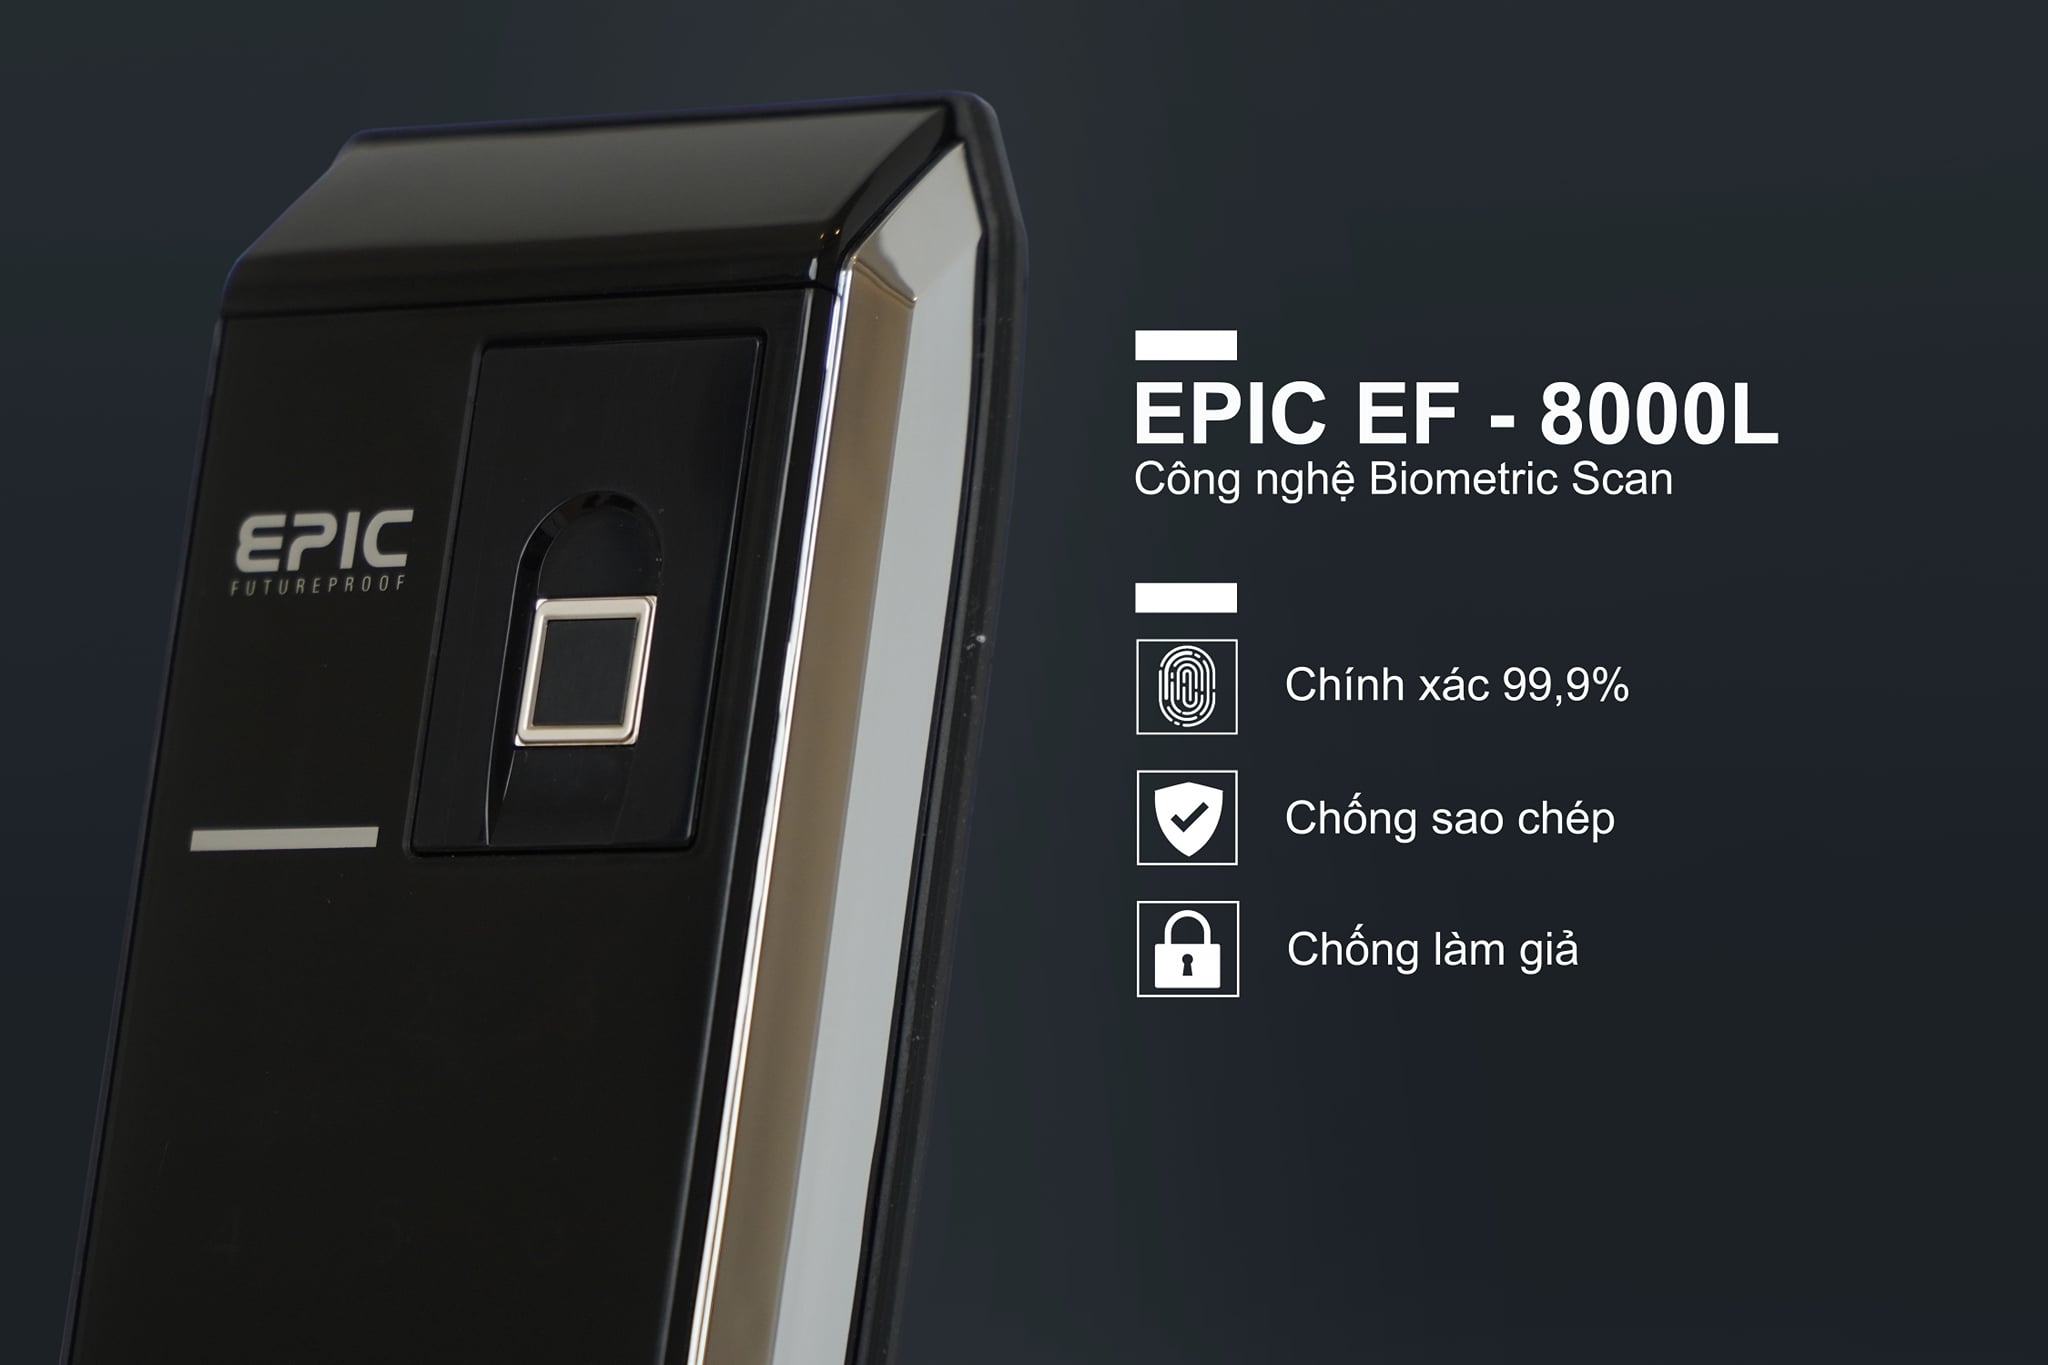 khoa-van-tay-epic-ef-8000l